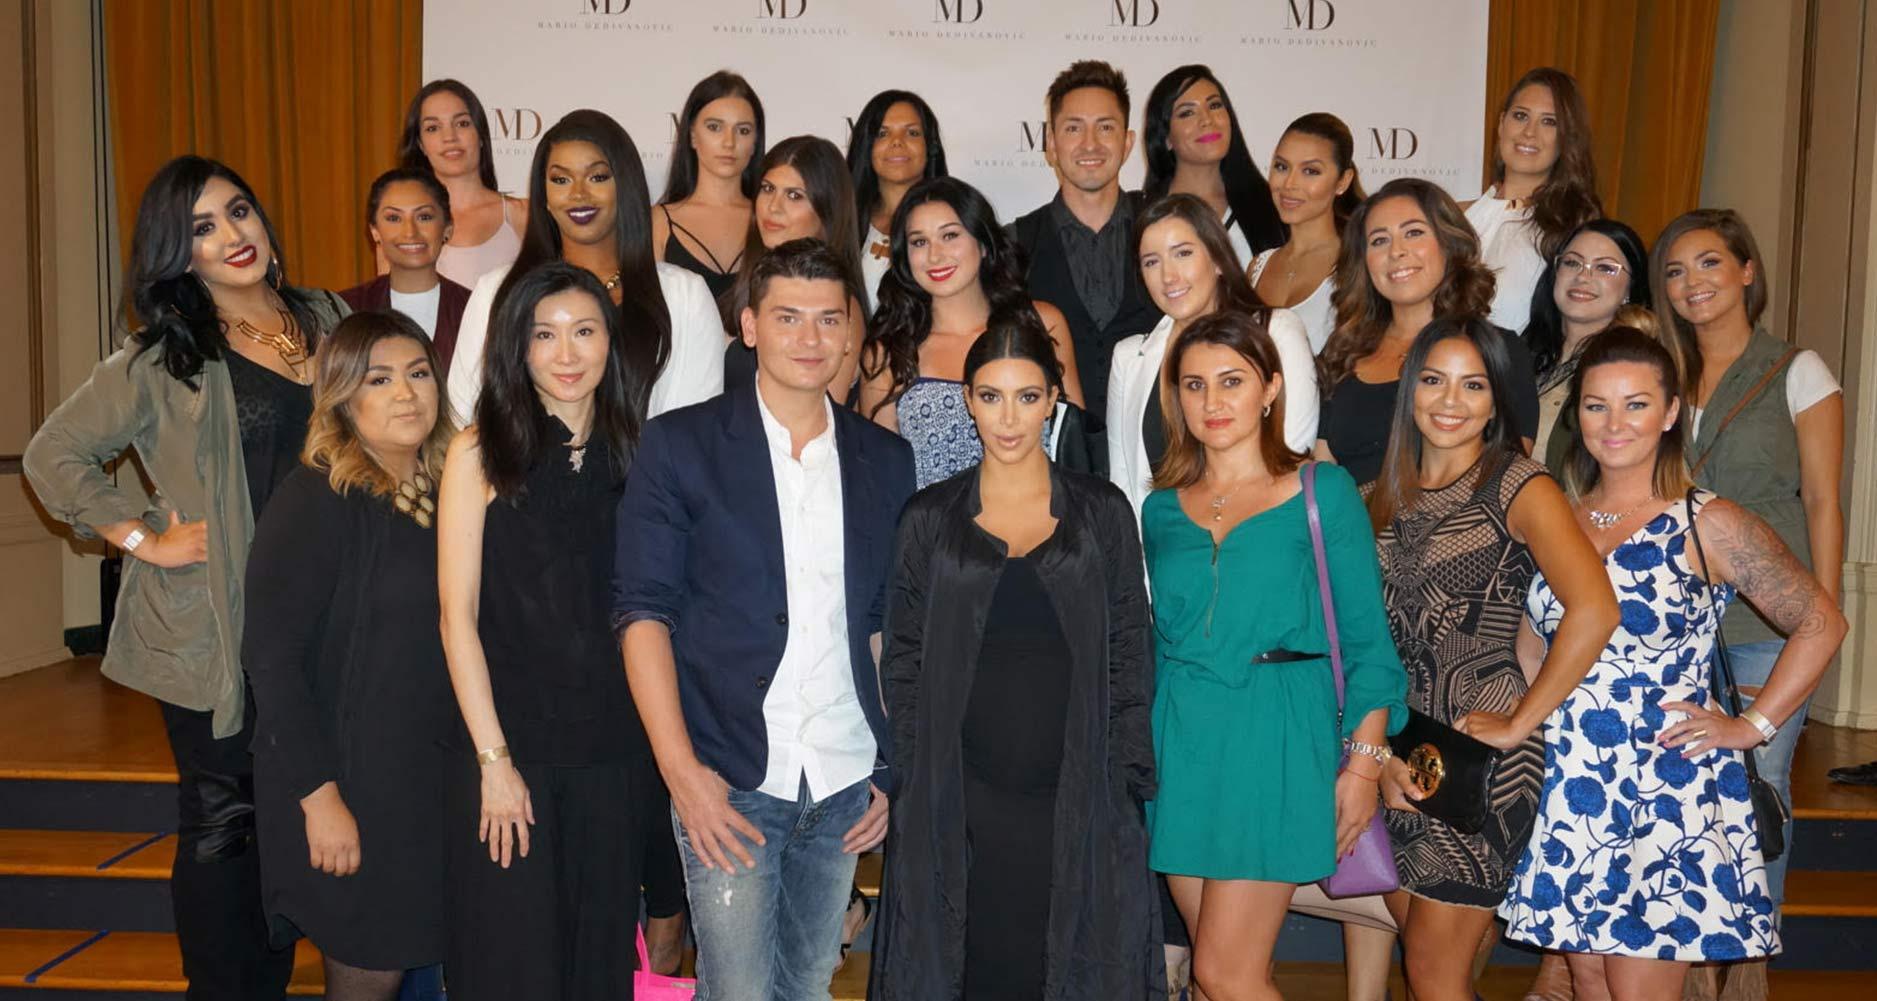 Master Class with Kim Kardashian